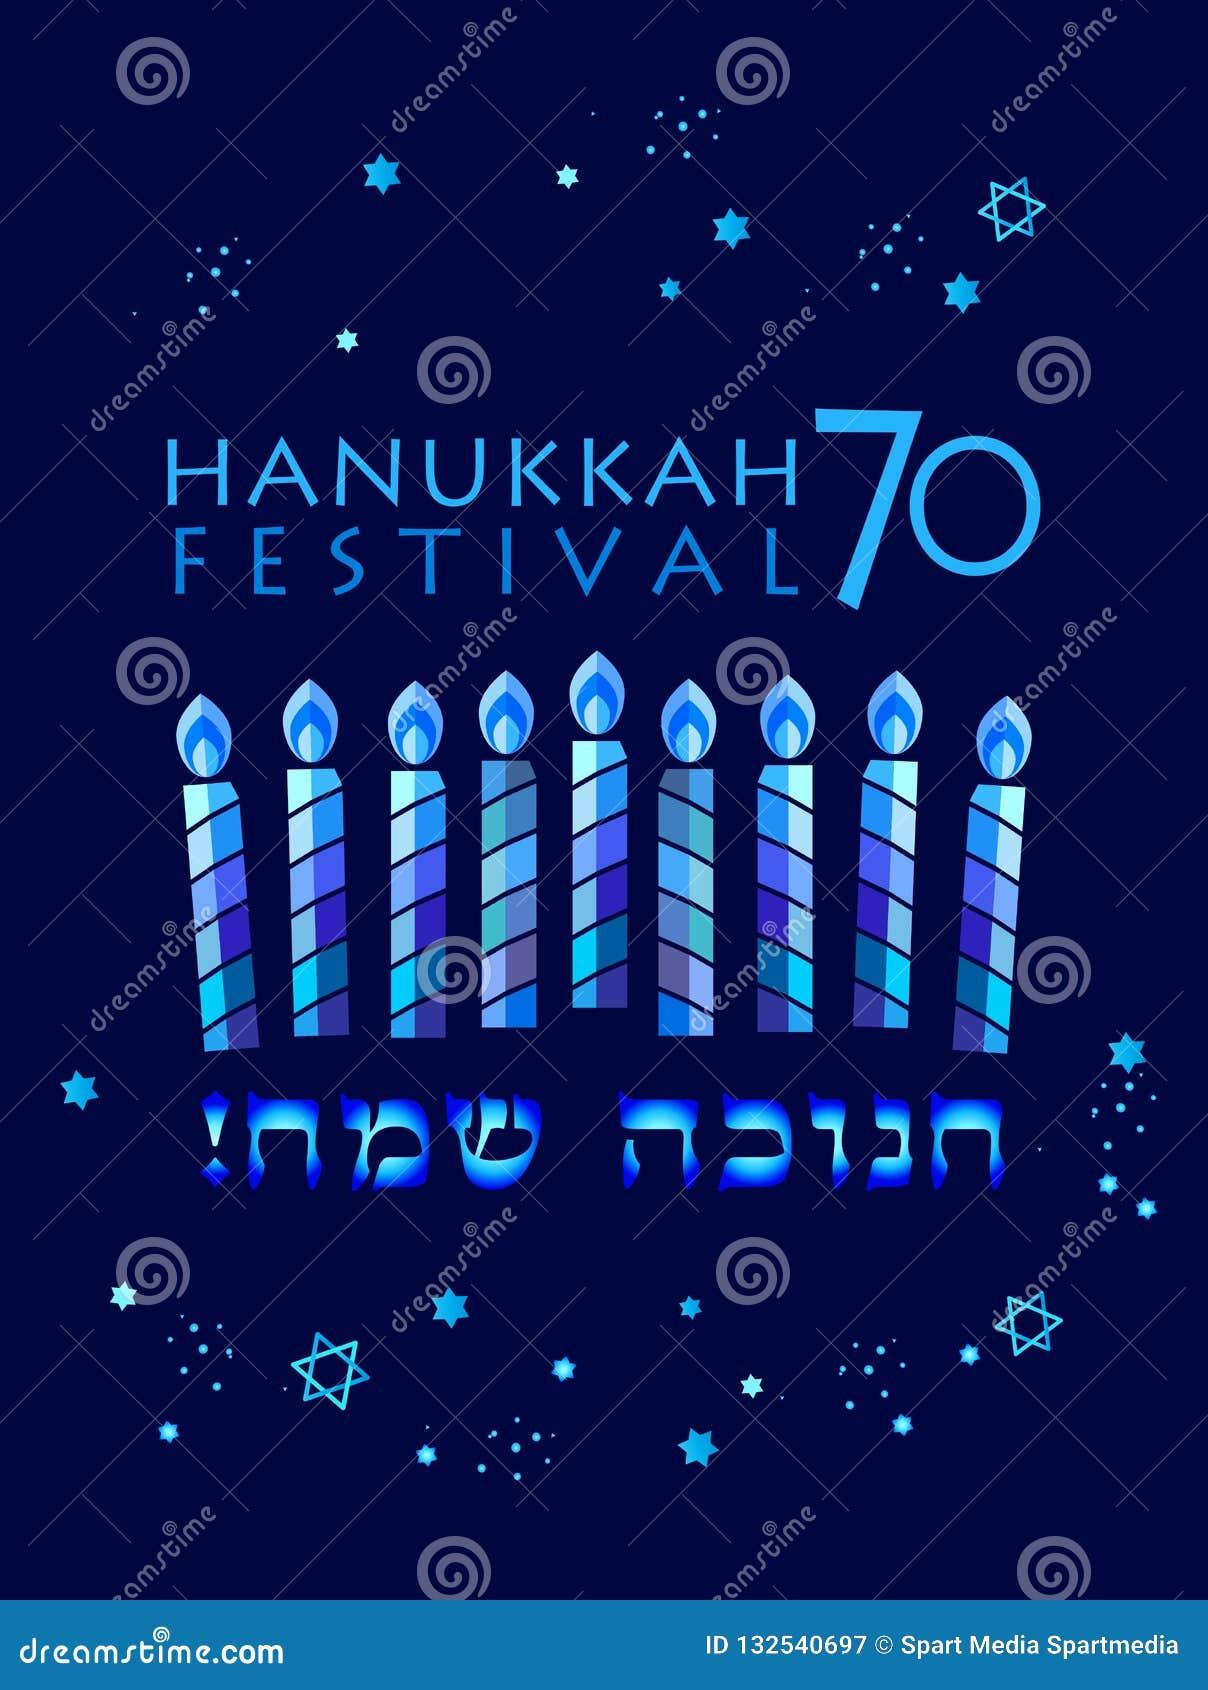 Ευτυχές Hanukkah Menorah Ισραήλ 70 μπλε γράφοντας σύμβολα Hanukkiah Chanukah ευχετήριων καρτών παραδοσιακά